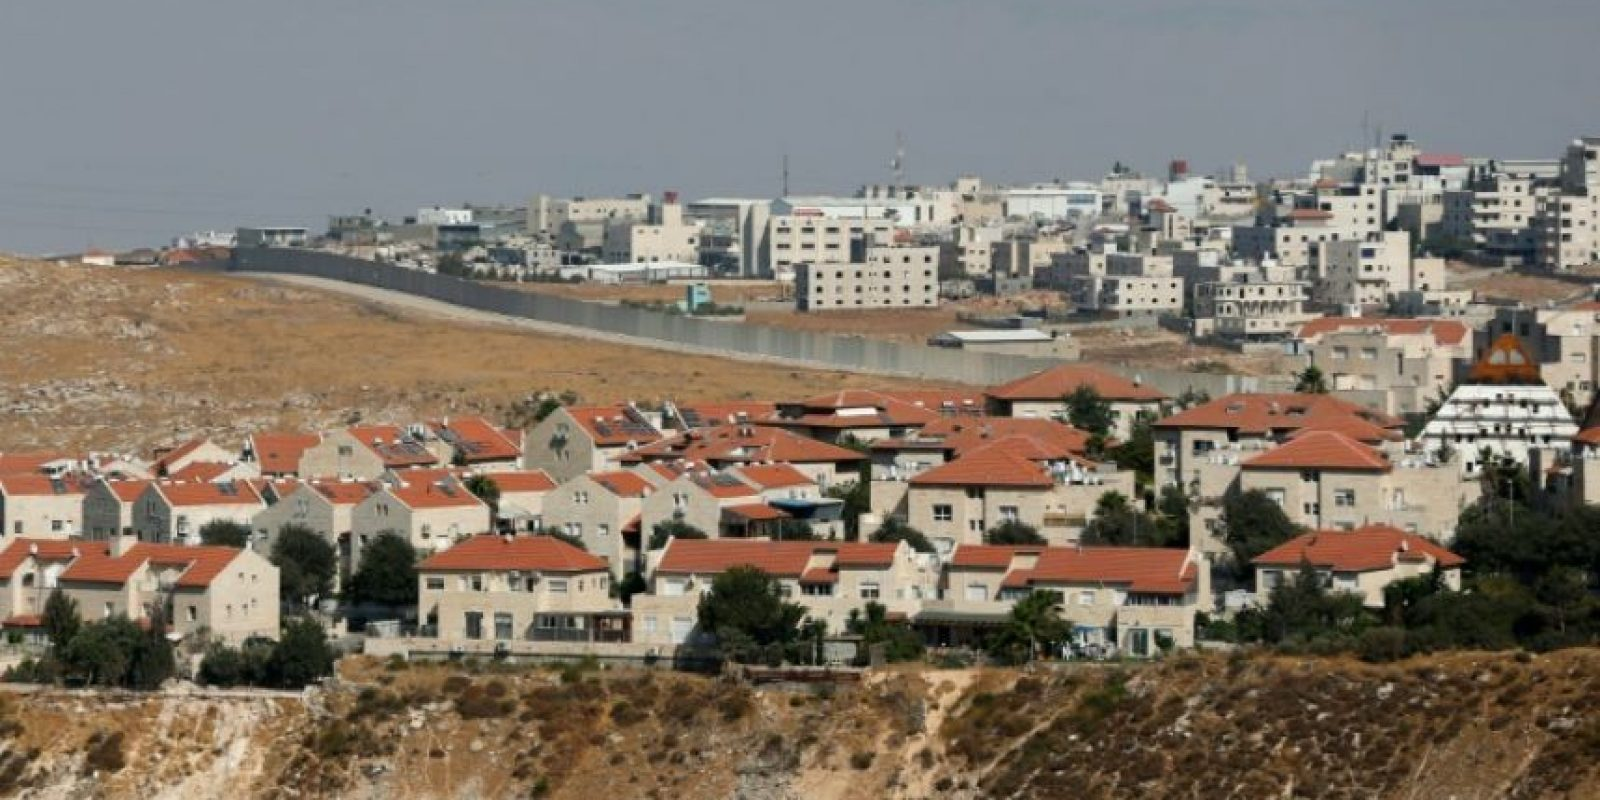 Un muro separa el asentamiento judío de Pisgat Zeev (delante) del barrio palestino de Anata (detrás), el 29 de julio de 2016, en Jerusalén Este Foto:Ahmad Gharabli/afp.com